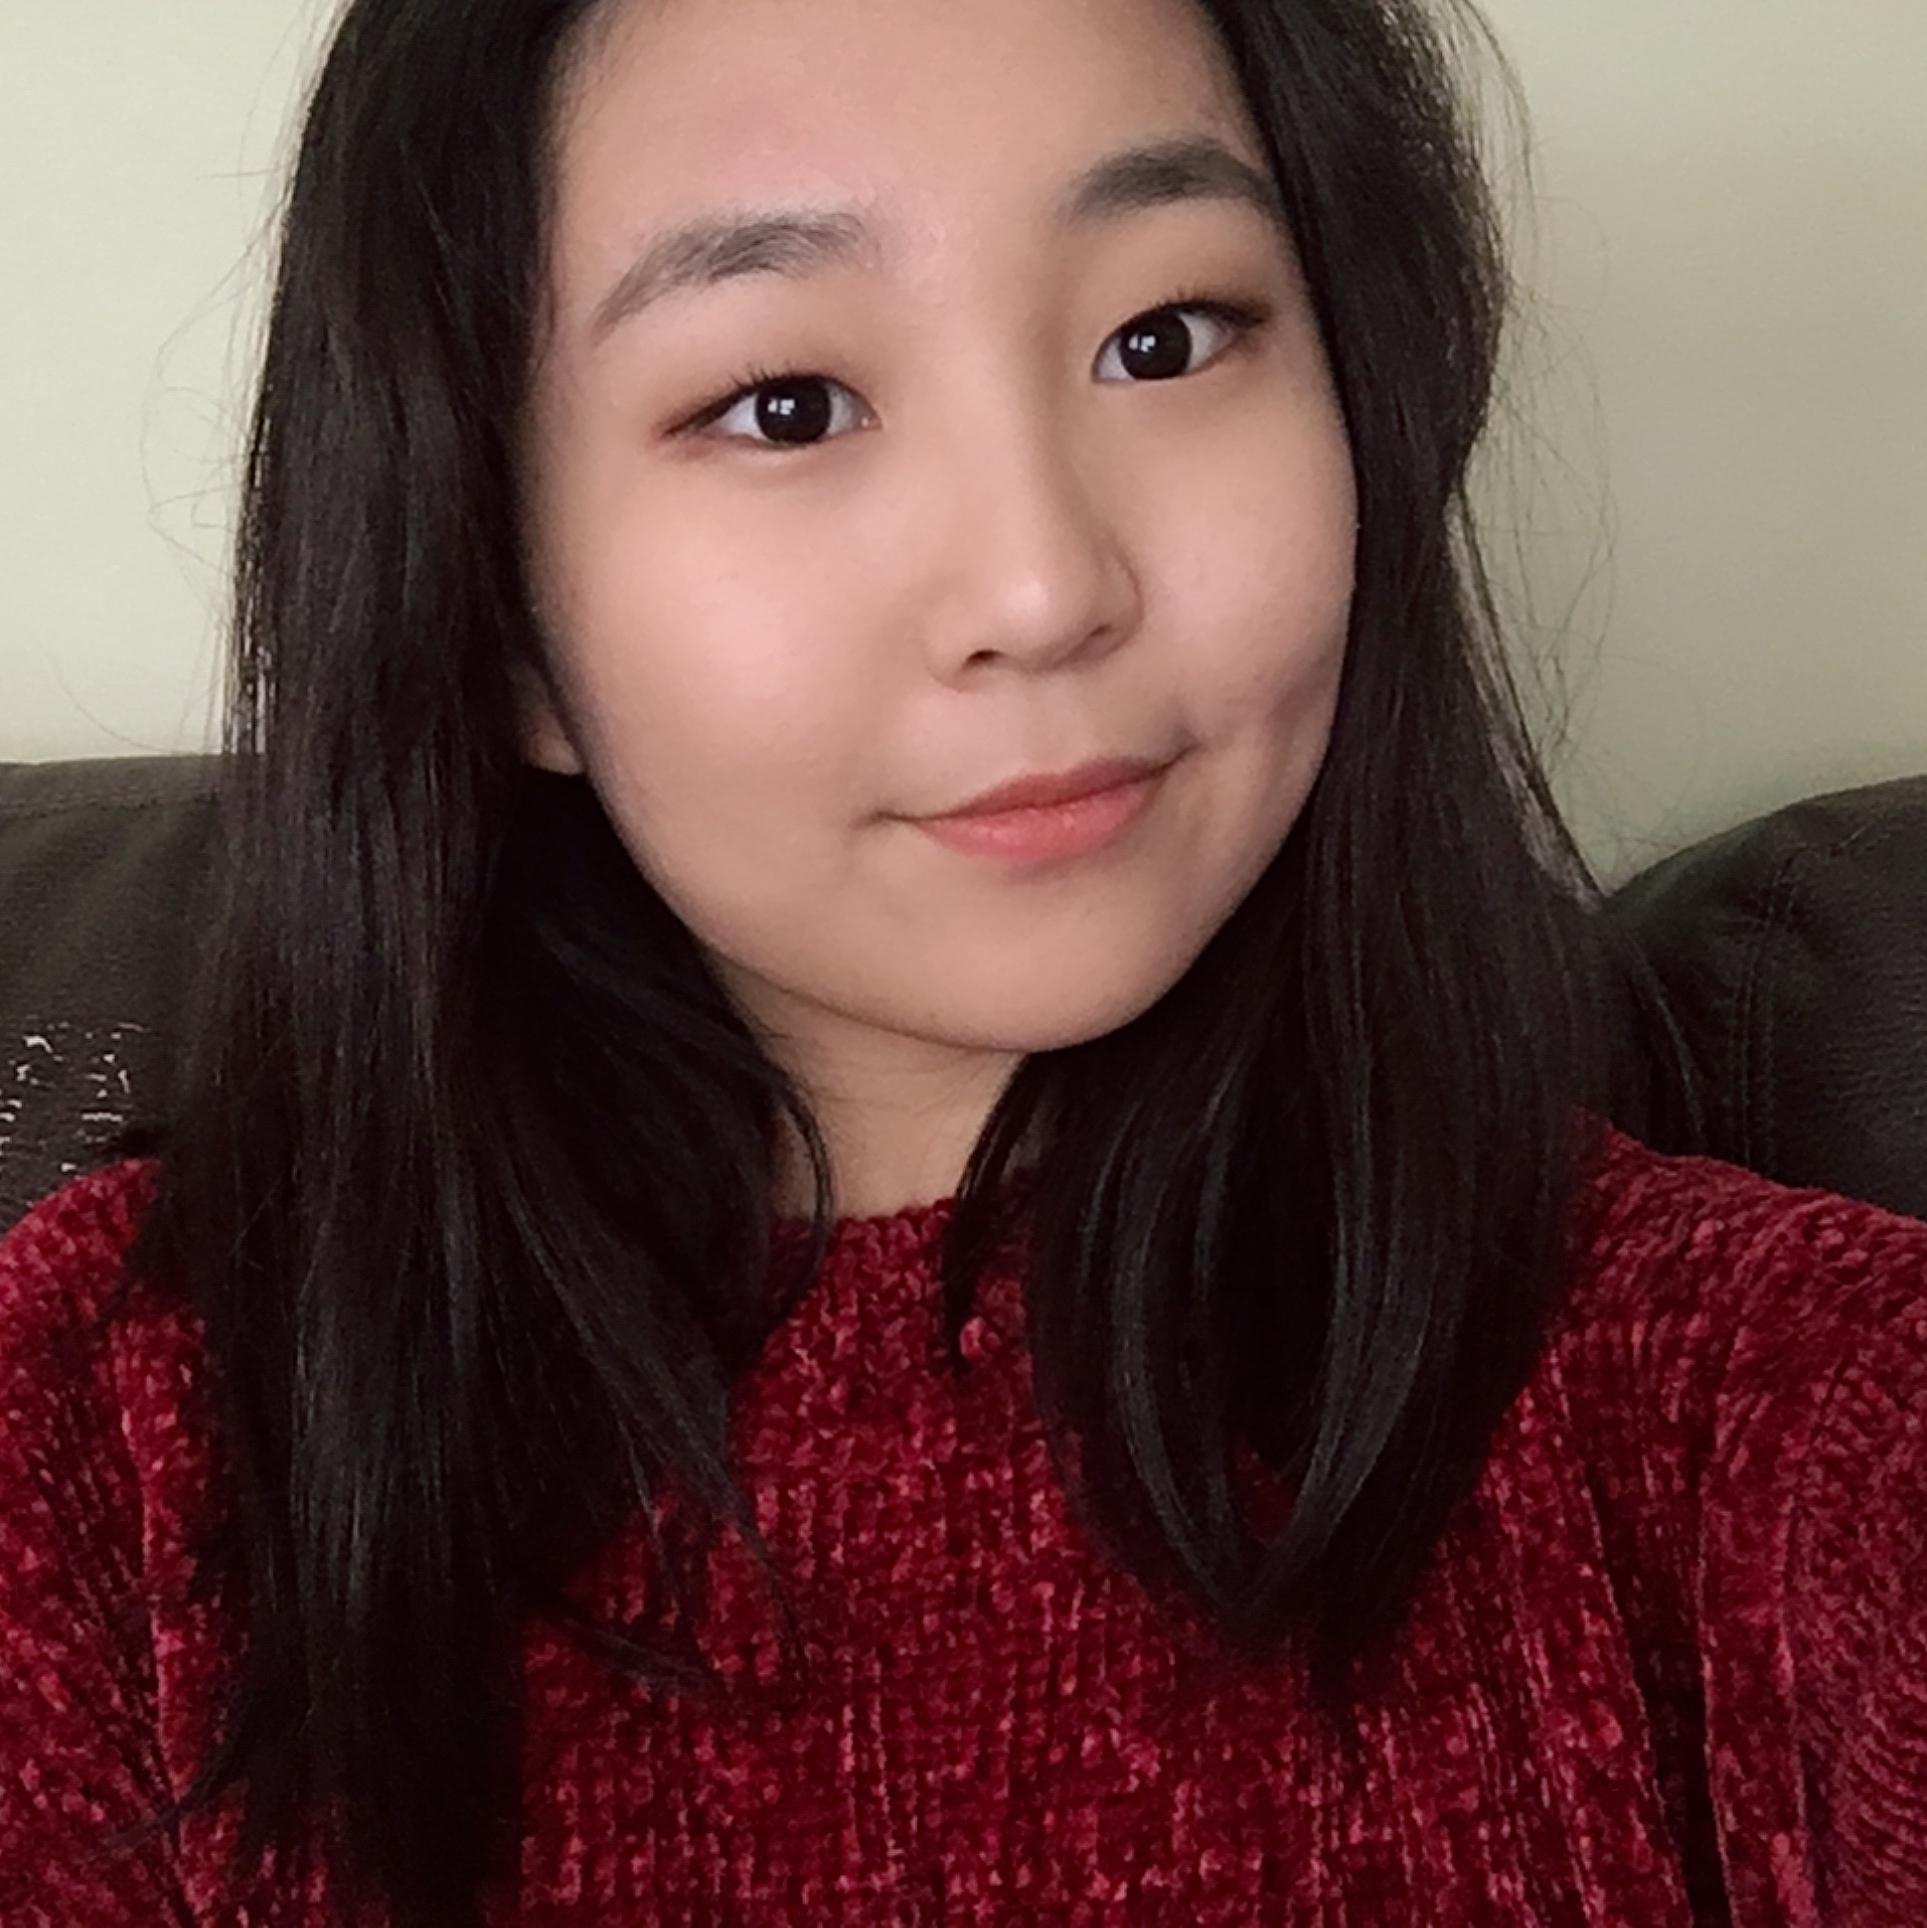 Seeun Lee